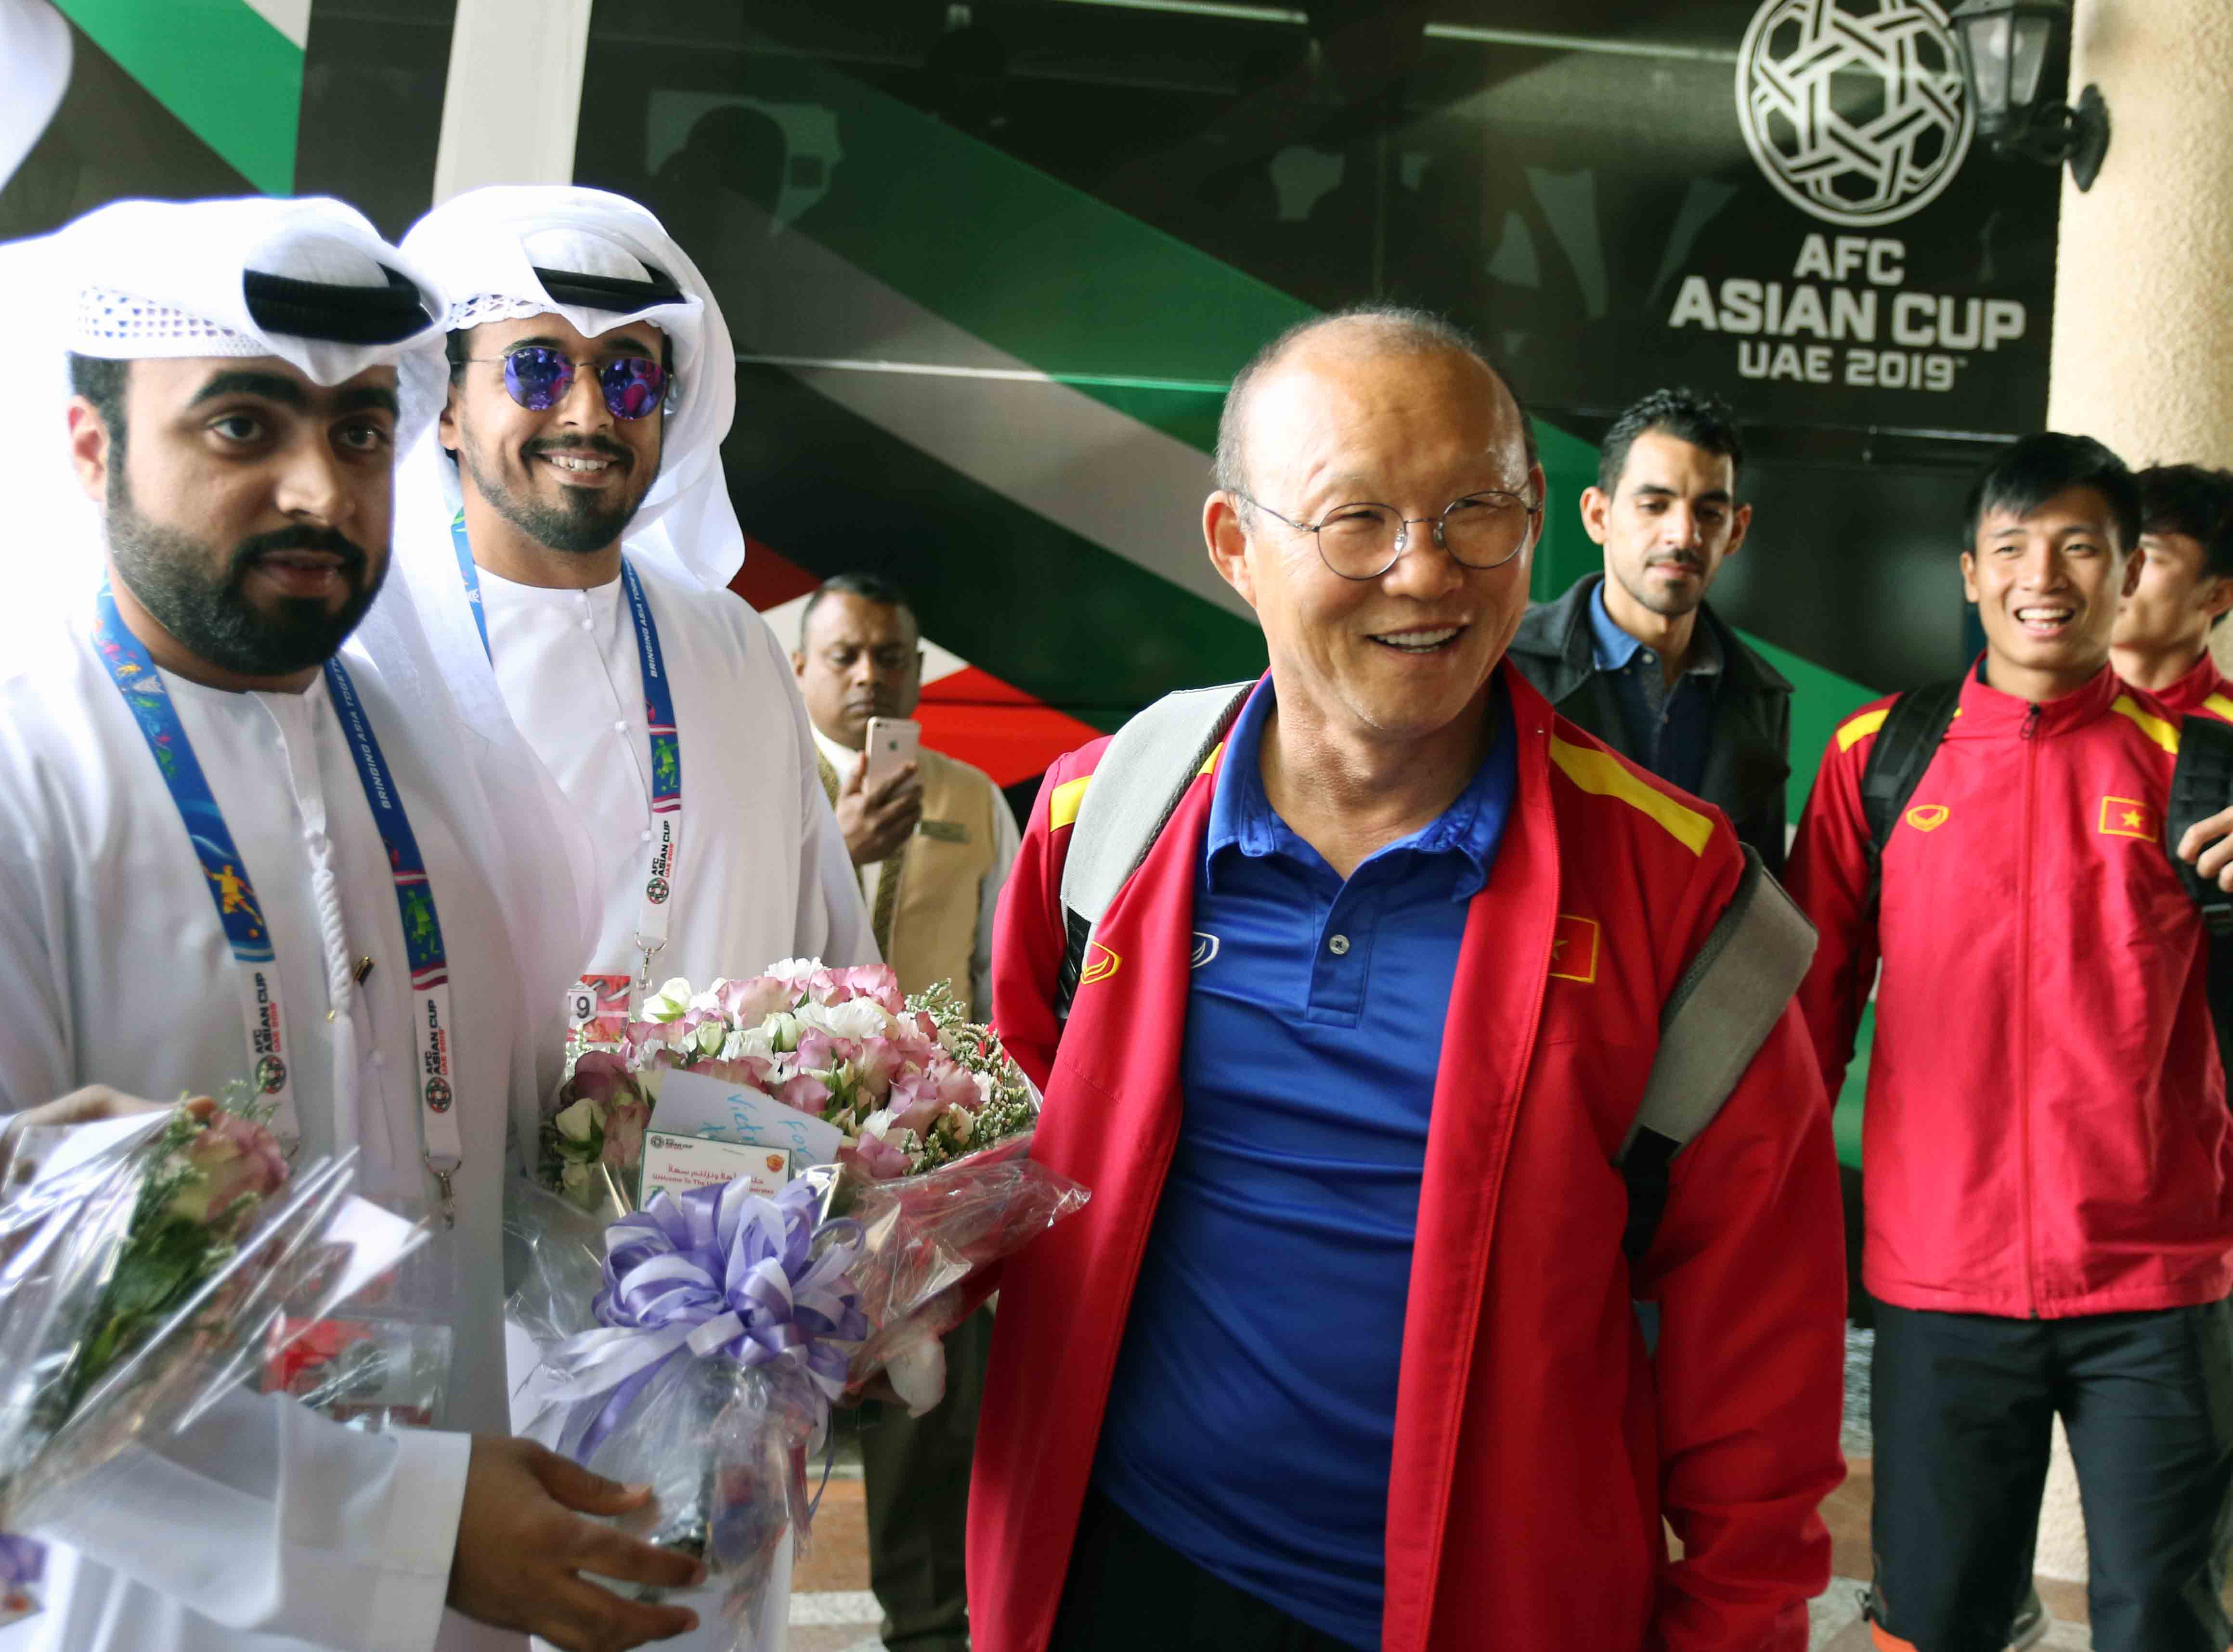 ĐT Việt Nam di chuyển tới Al Ain, chuẩn bị cho trận đấu cuối vòng bảng với Yemen